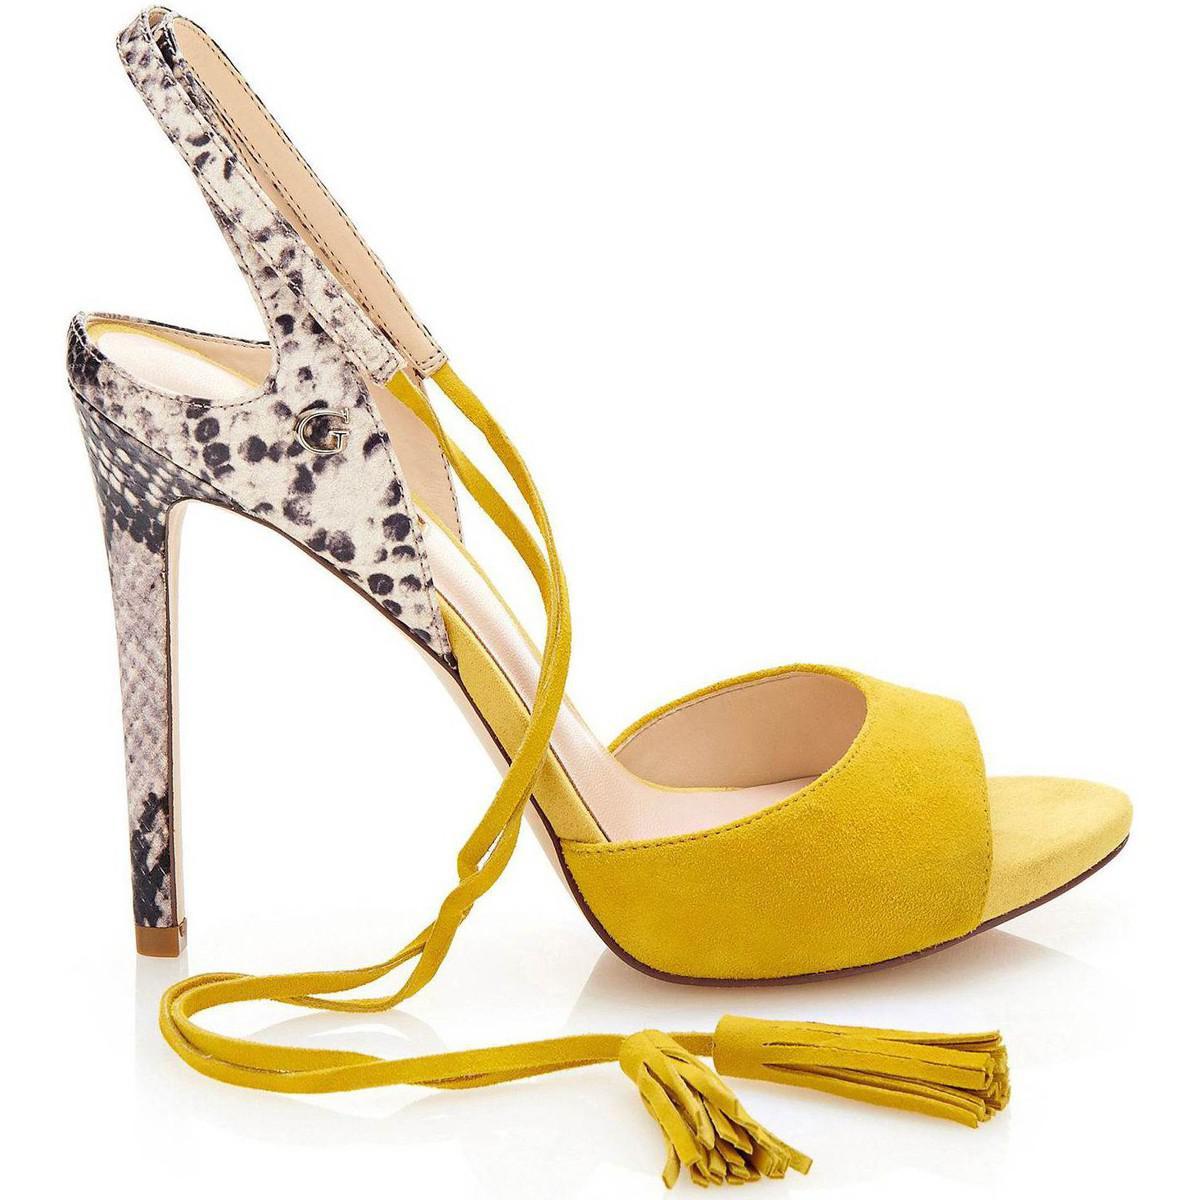 Guess Flaee1 Sue03 High Heeled Sandals Women Yellow Women s Sandals ... 1fdfc164b9